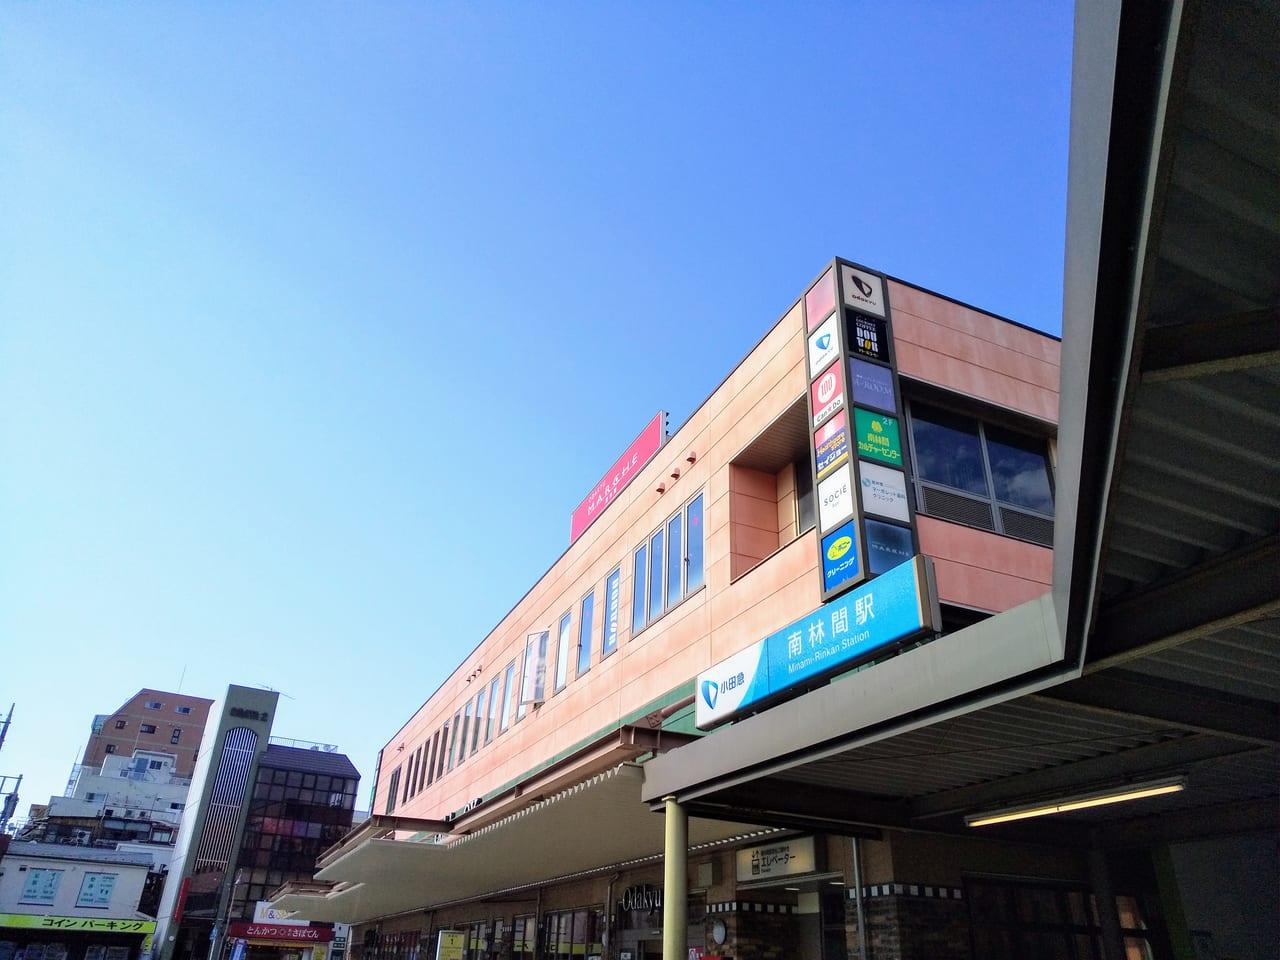 南林間駅西口を出たところの風景